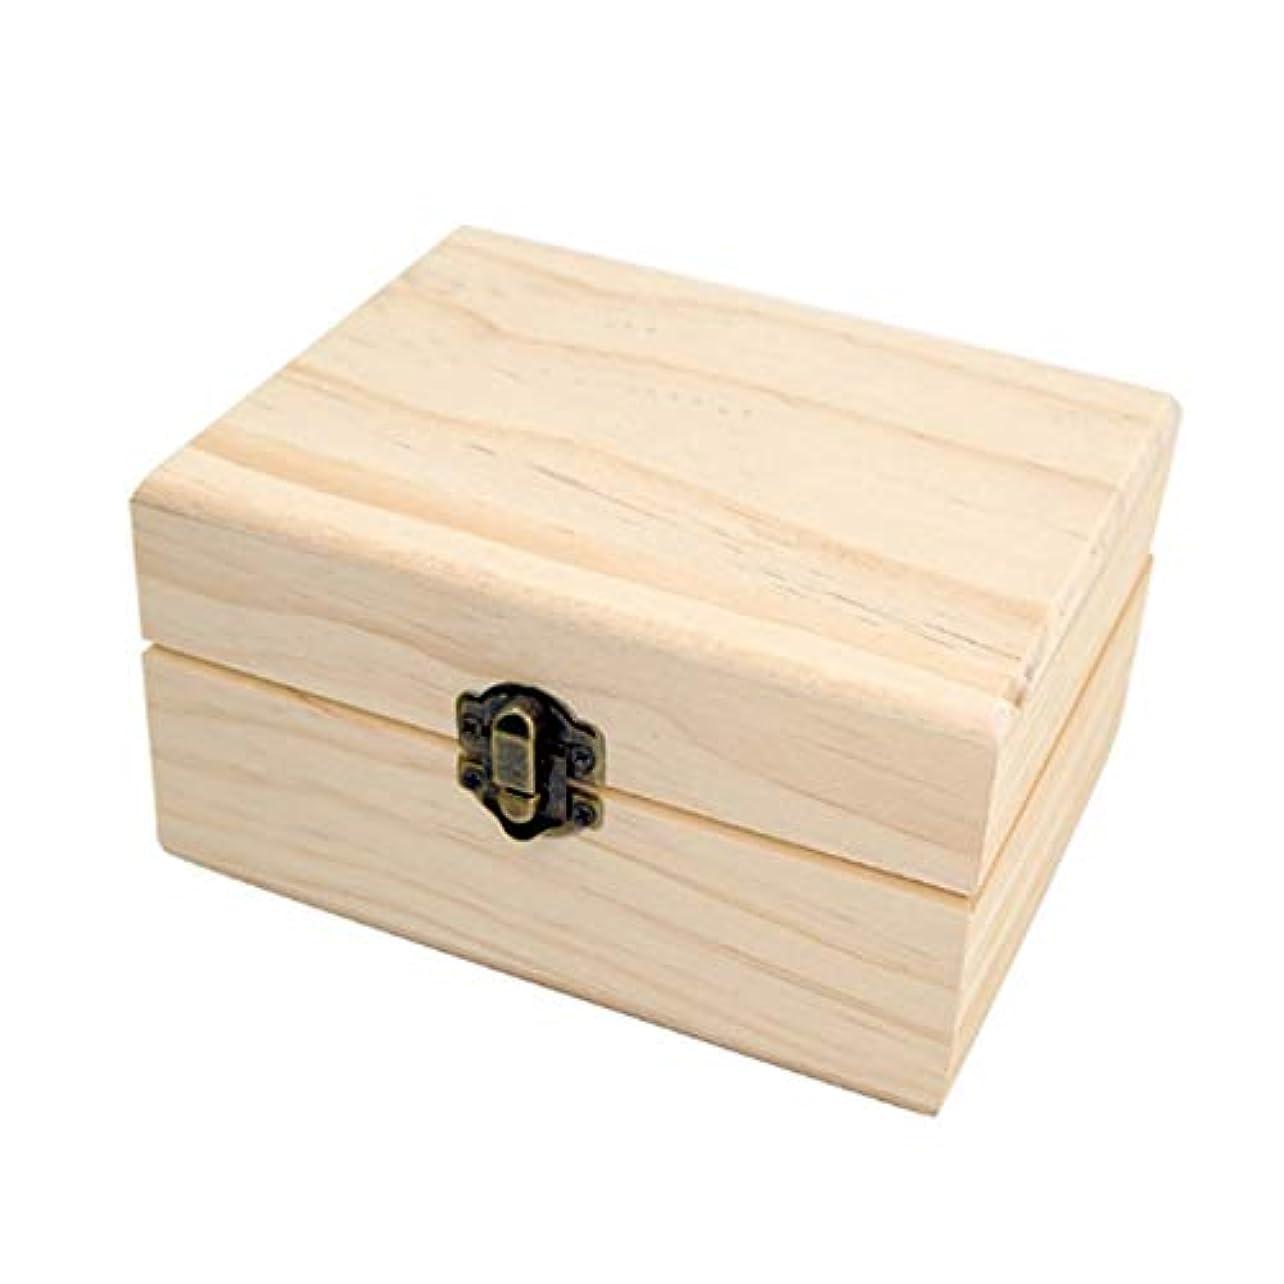 フェリモア エッセンシャルオイル 収納ボックス ボトル用 松 木製 格子状 倒れにくい 12マス (ブラウン)